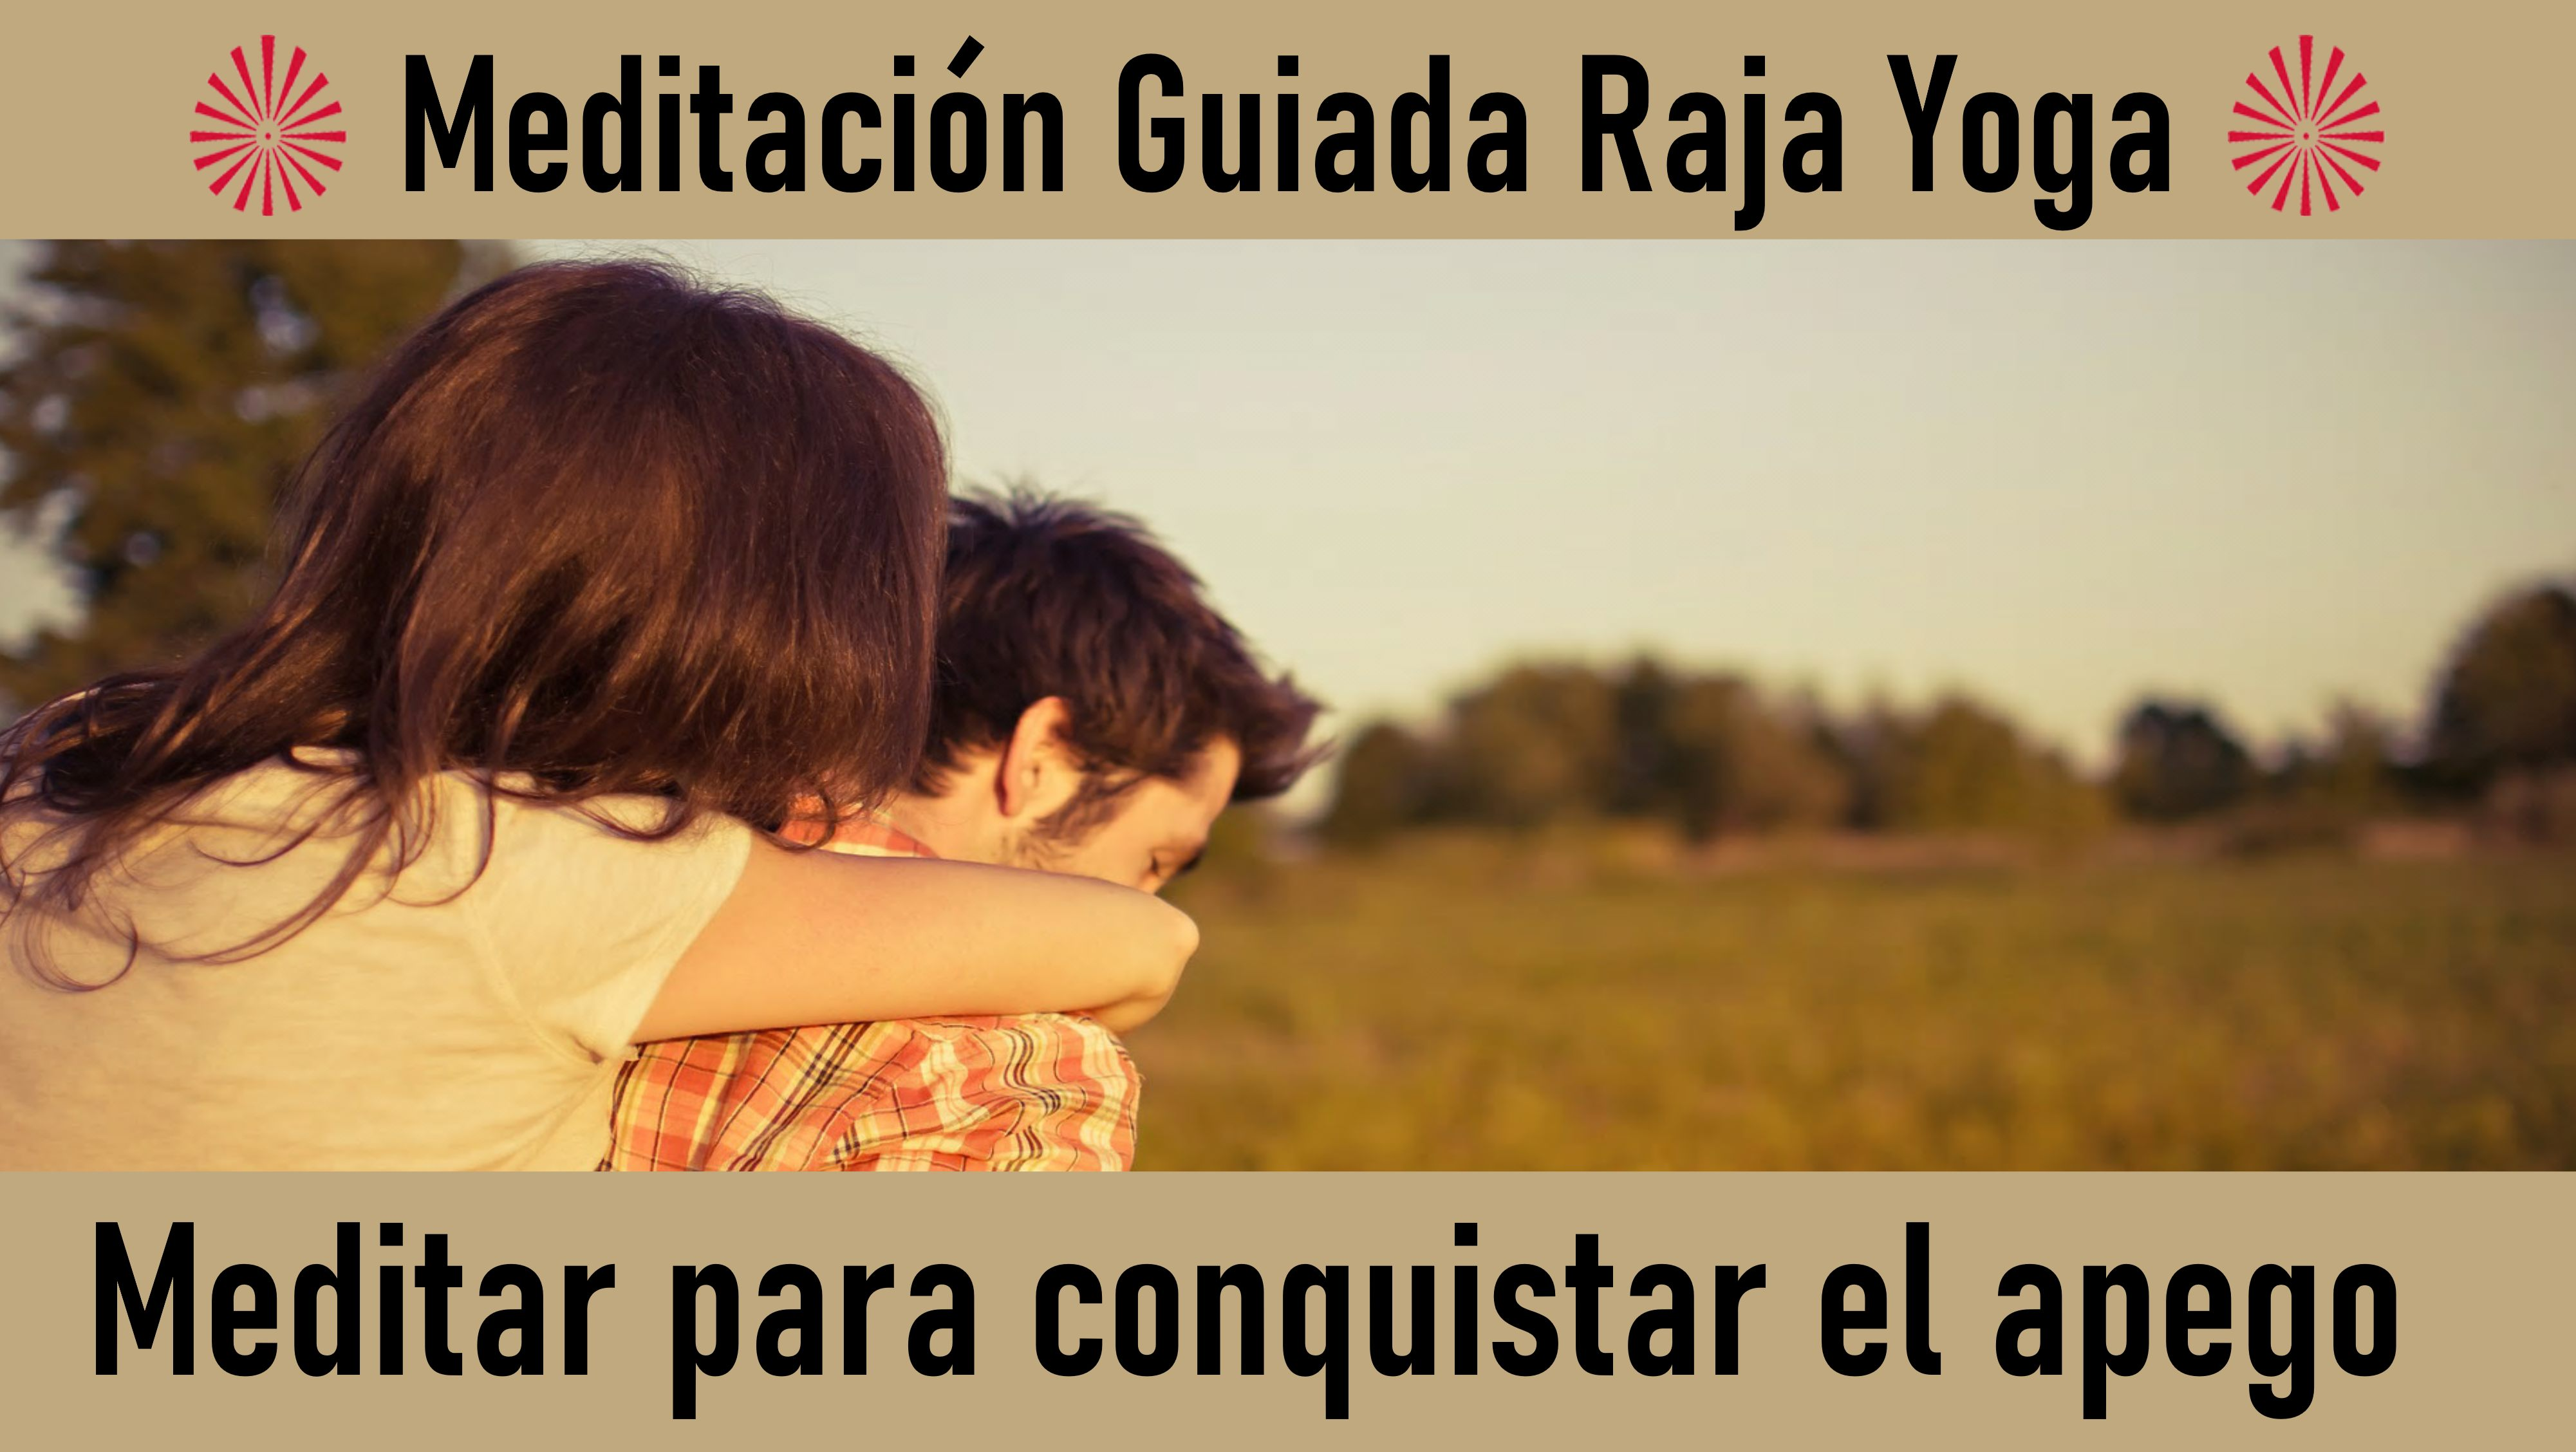 Meditación Raja Yoga: Meditar para conquistar el apego (17 Junio 2020) On-line desde Sevilla